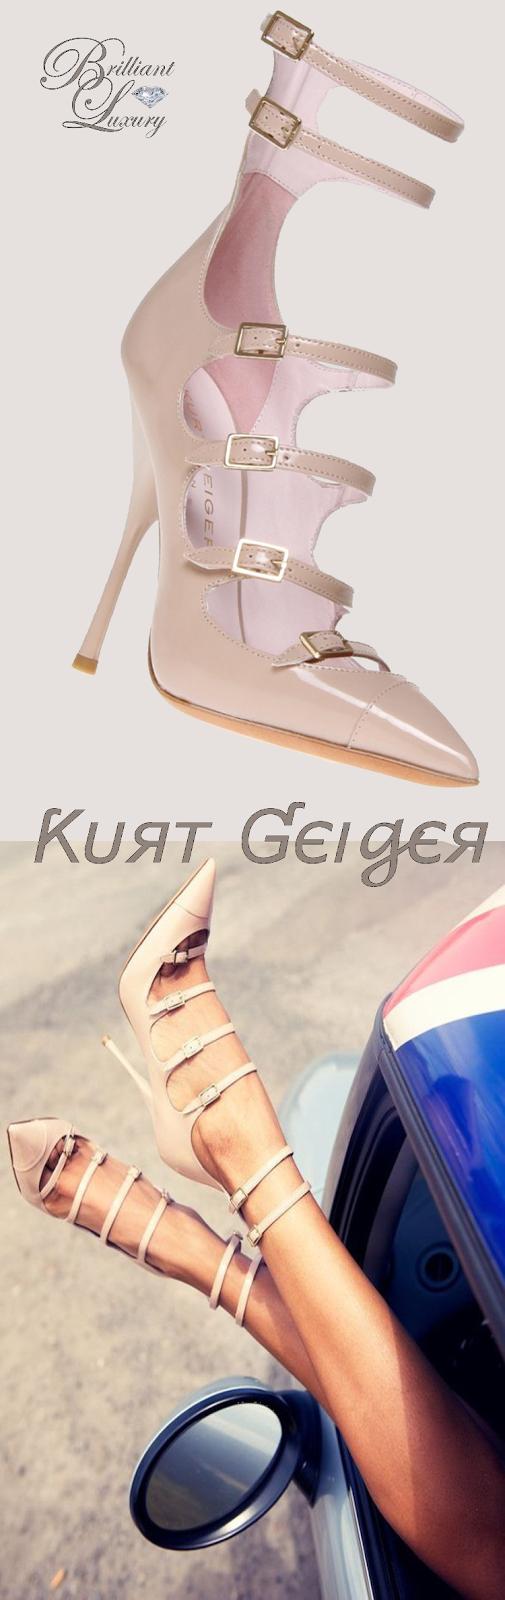 Brilliant Luxury ♦ Kurt Geiger 'Samantha'